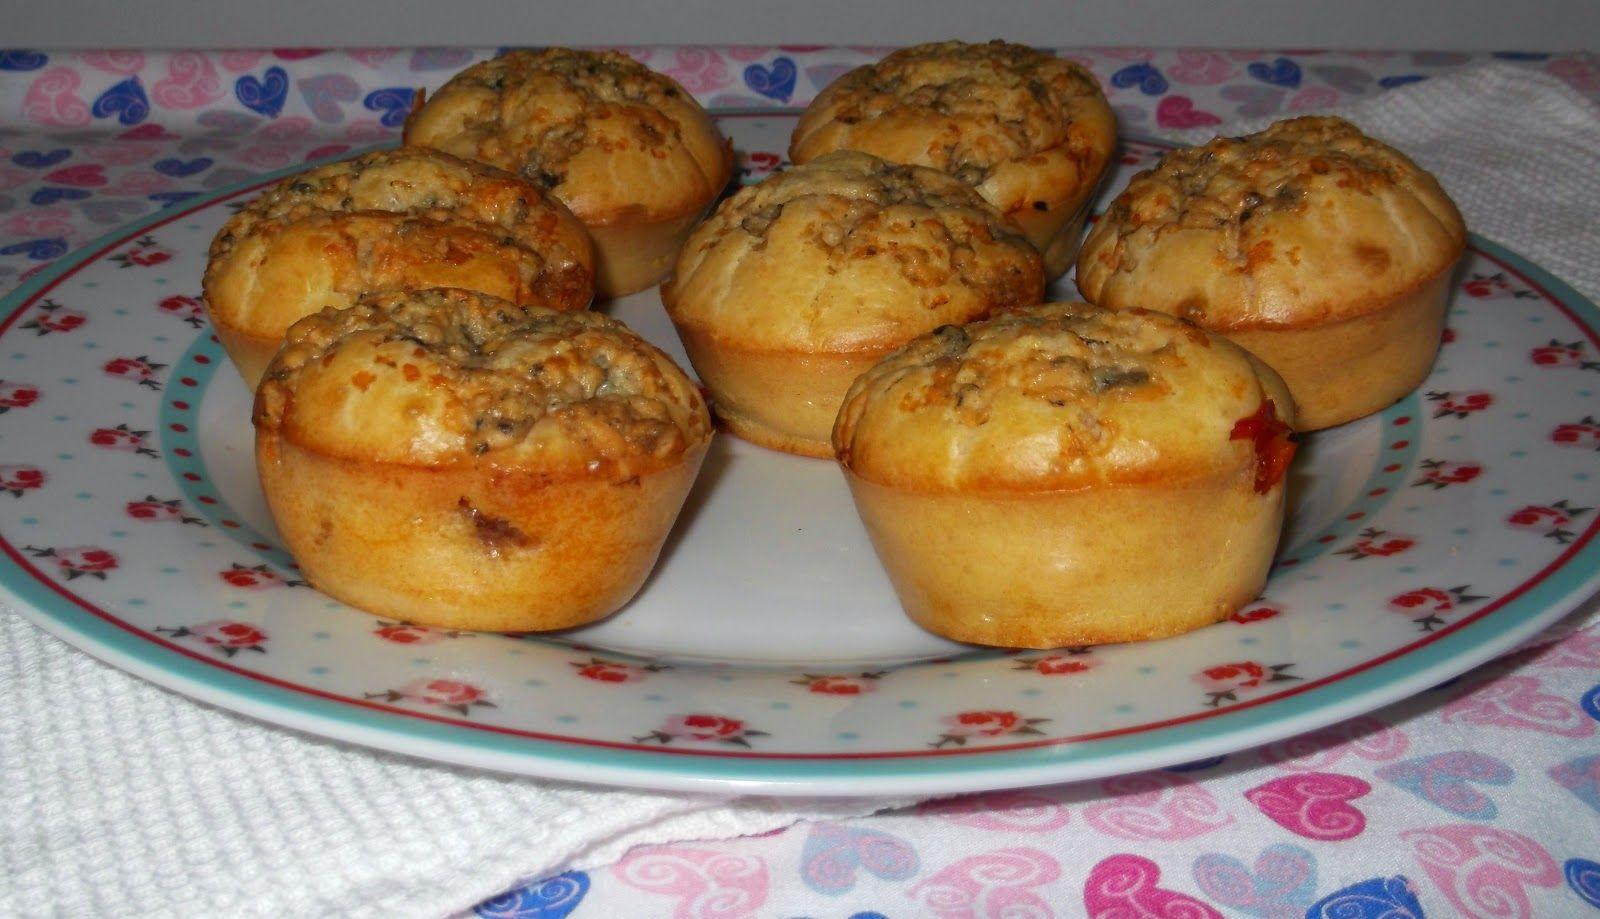 Muffins de alheira com topping de queijo azul